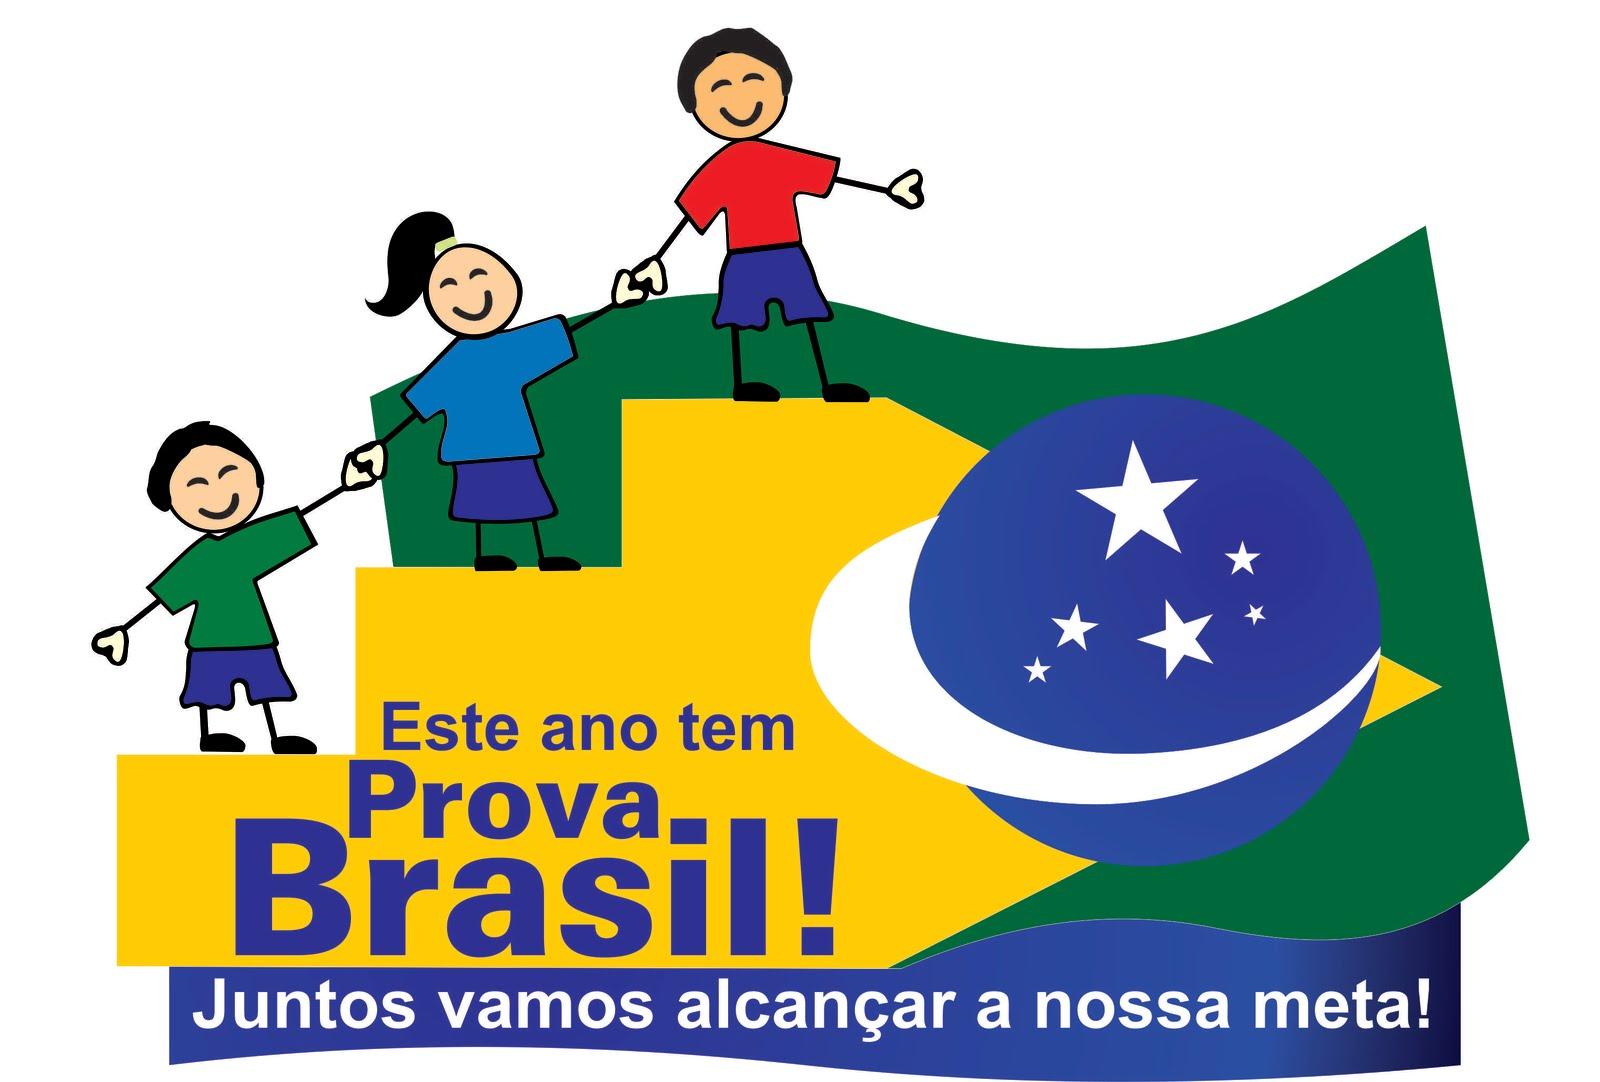 Rede Municipal de Ensino se prepara para a Prova Brasil - Prefeitura  Municipal de Vitória da Conquista - PMVC